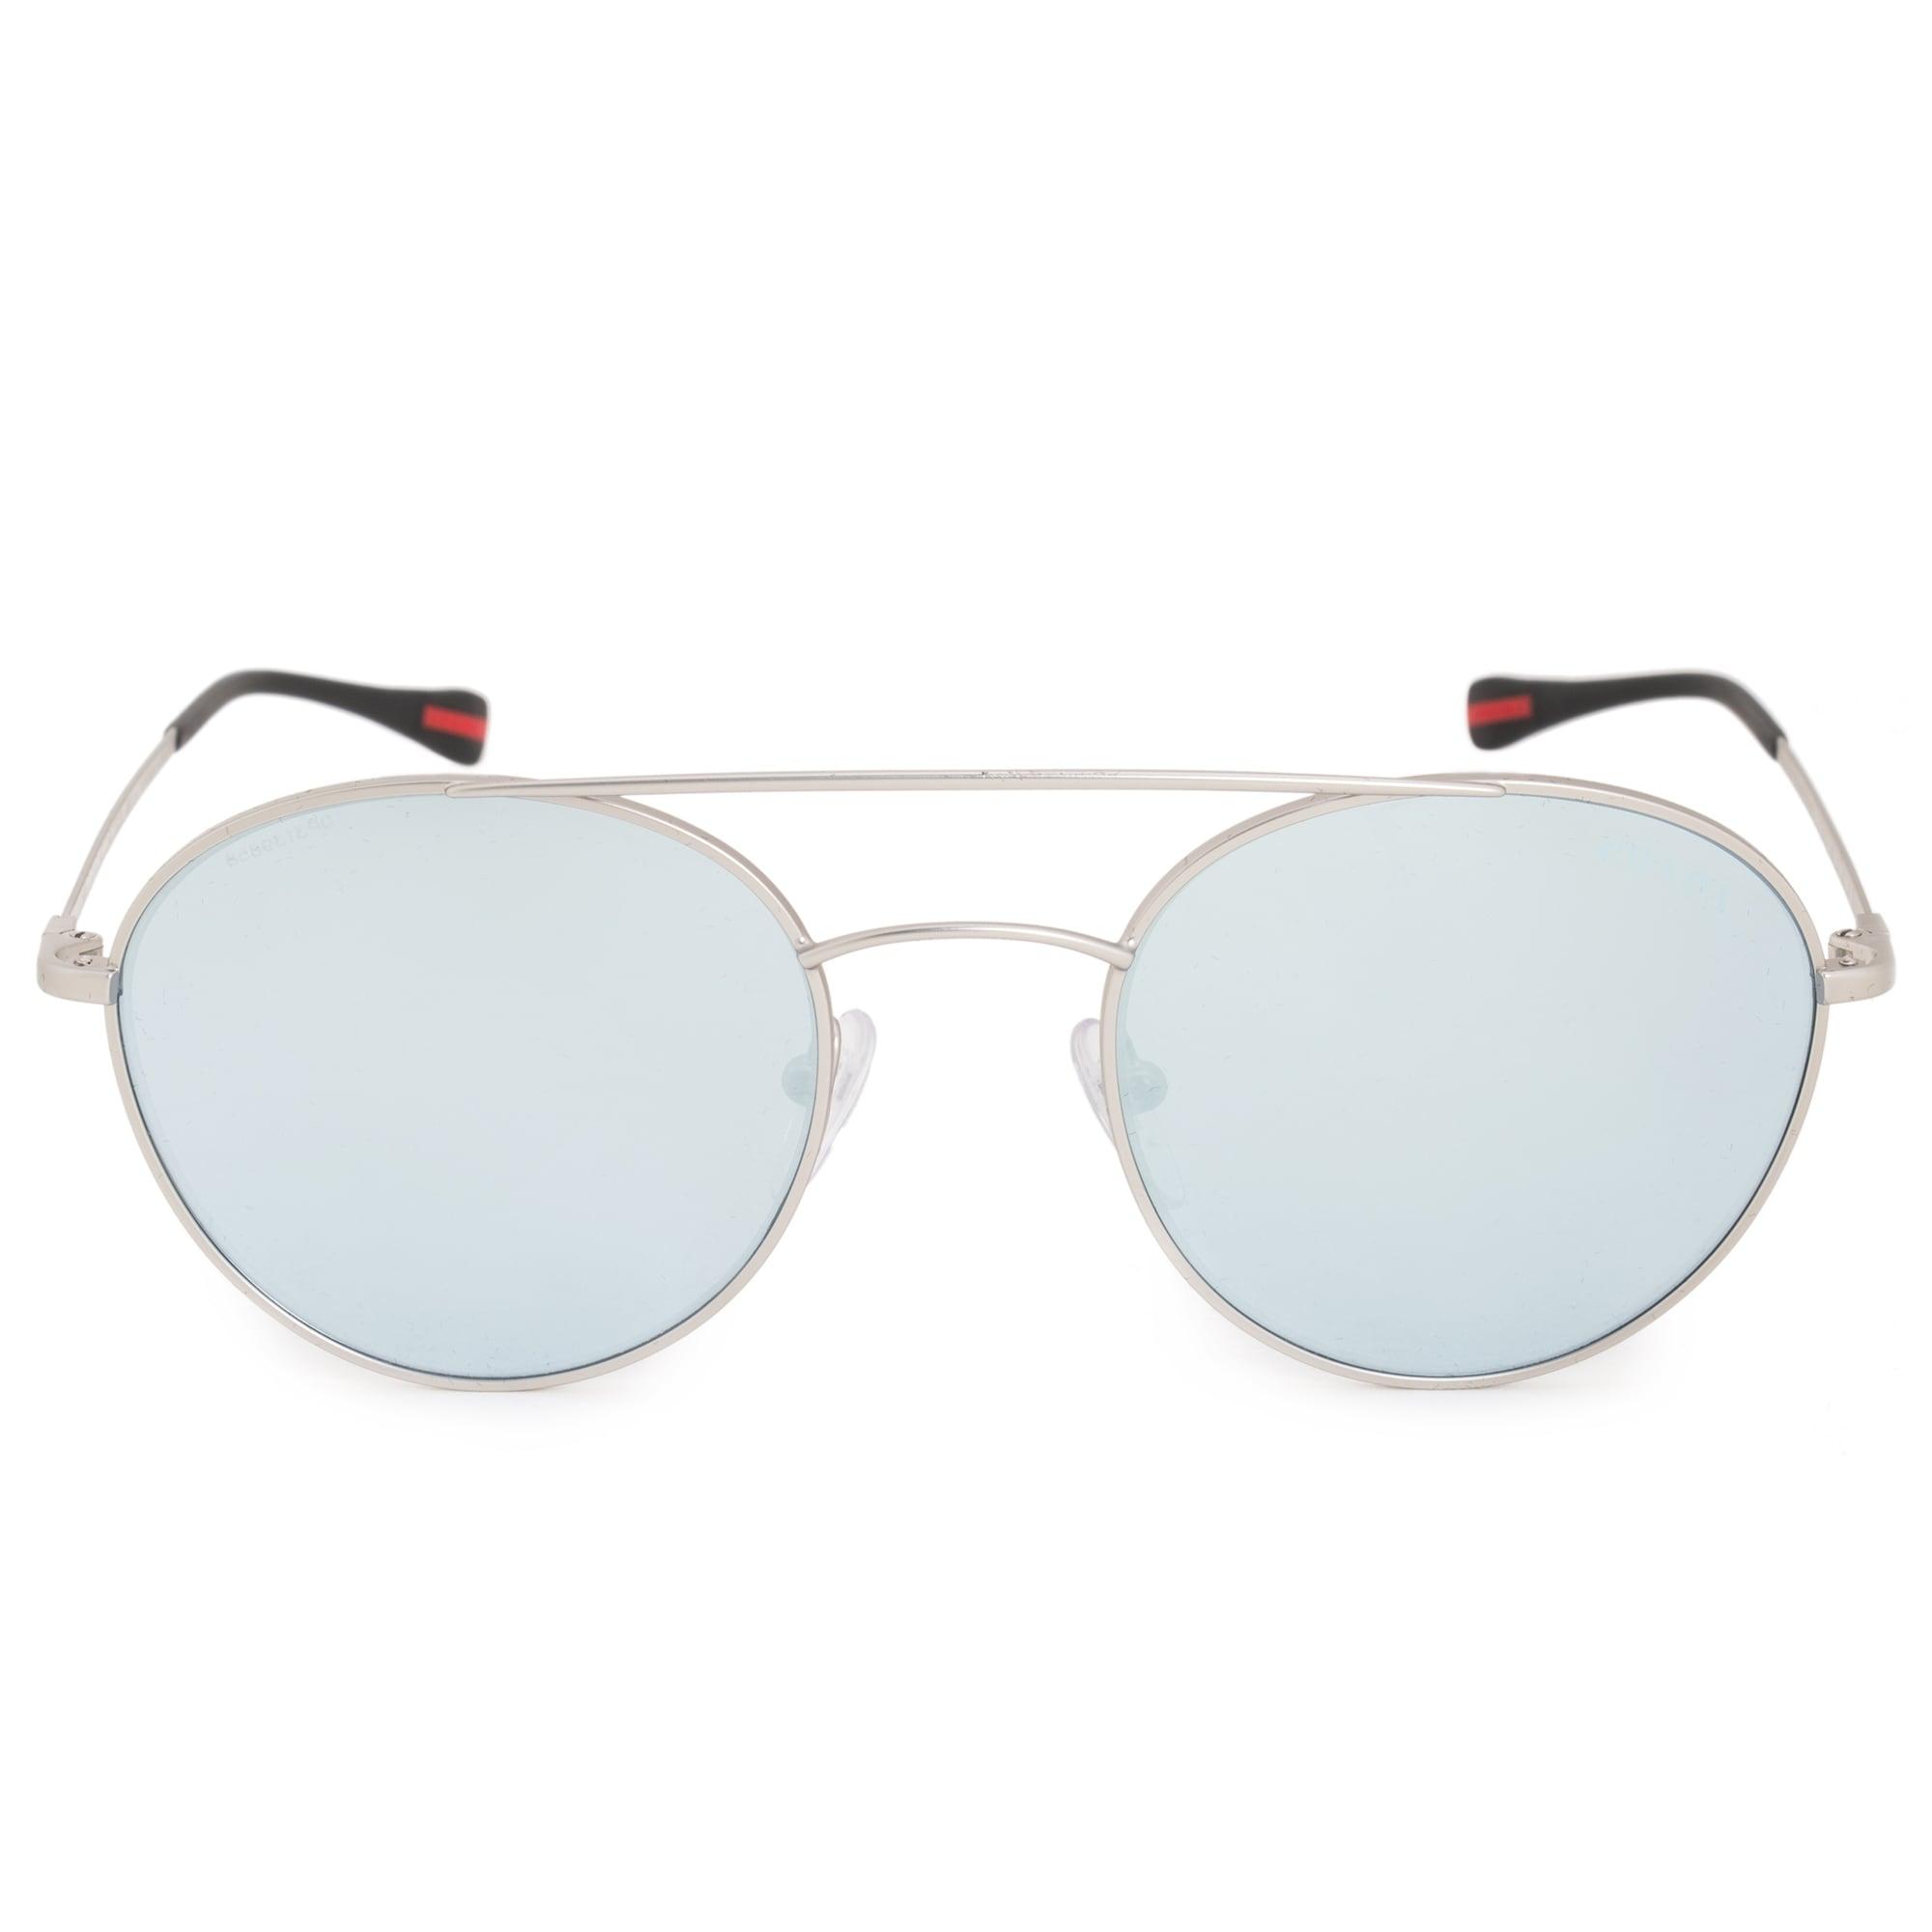 4c1db59dfd22 Shop Prada Aviator Sunglasses PS51SS 1AP5Q0 51 - Free Shipping Today -  Overstock.com - 21408739